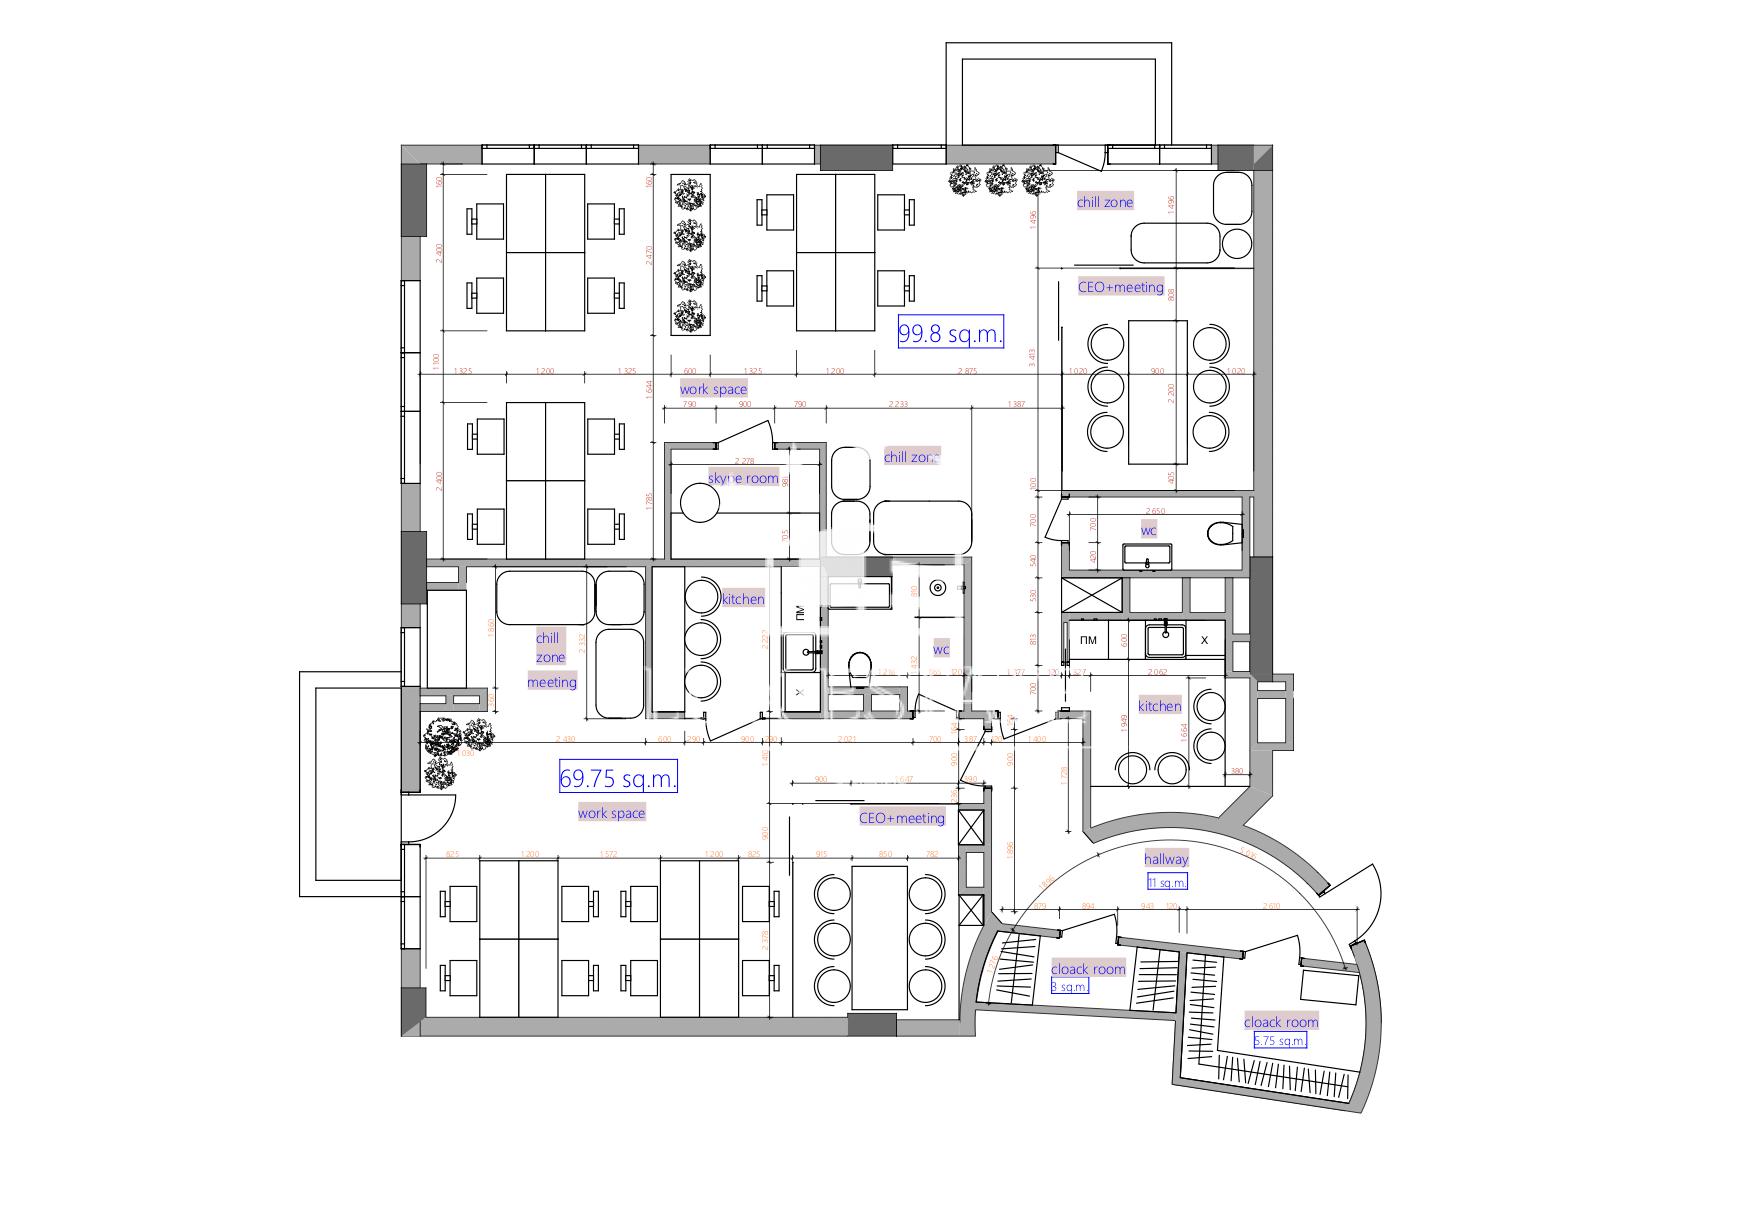 art hall plan.png